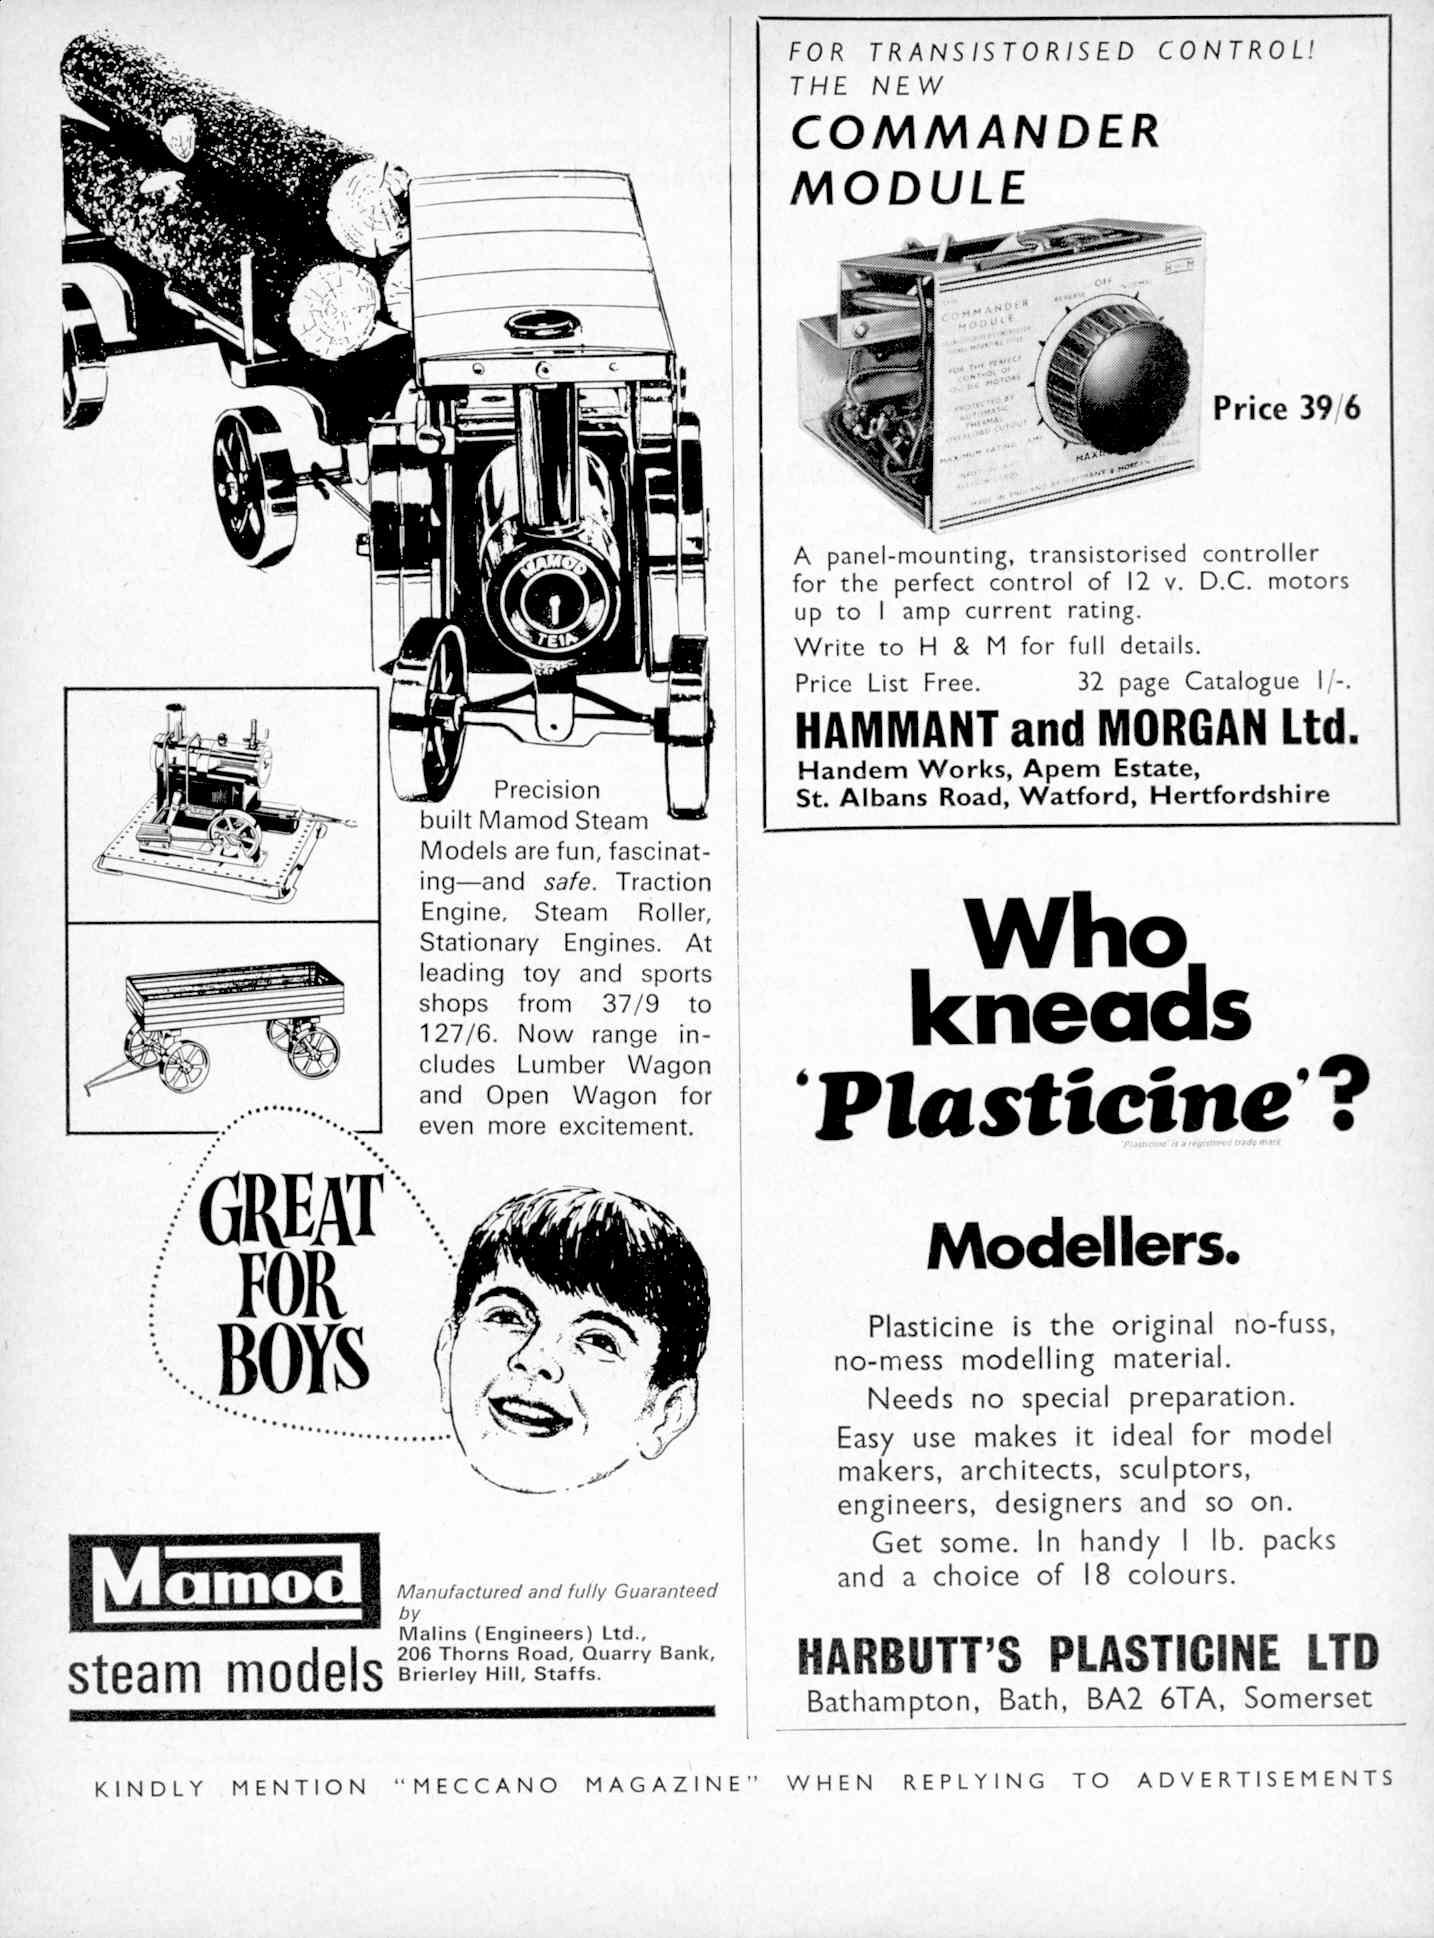 UK Meccano Magazine October 1970 Page 531